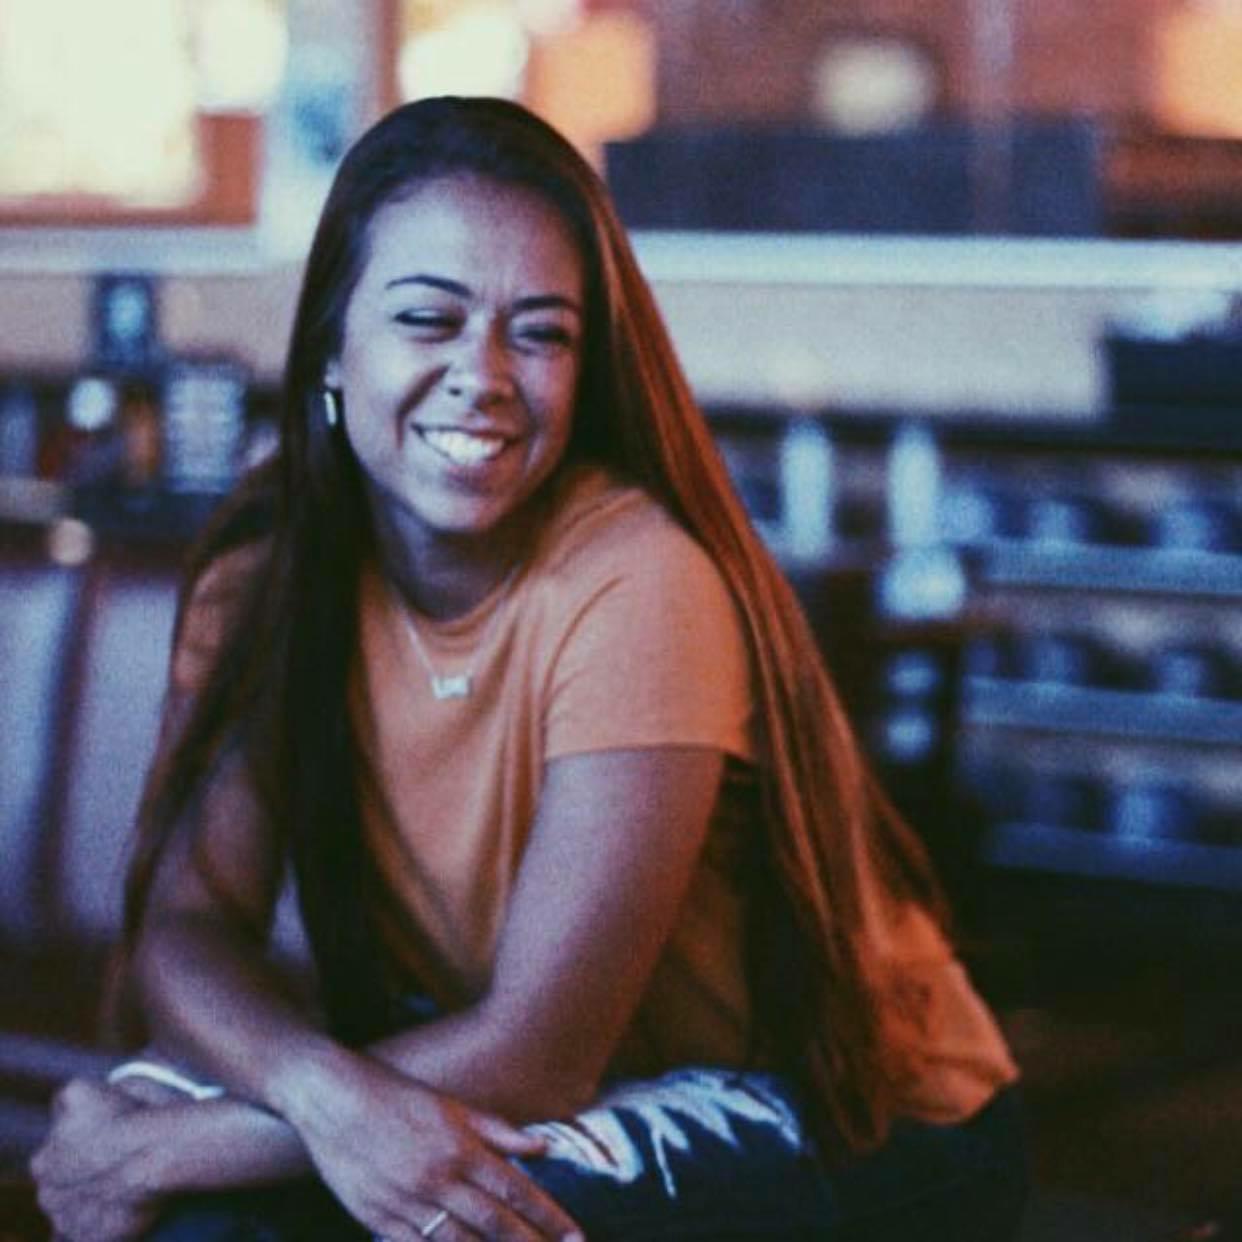 Moriah Hinton